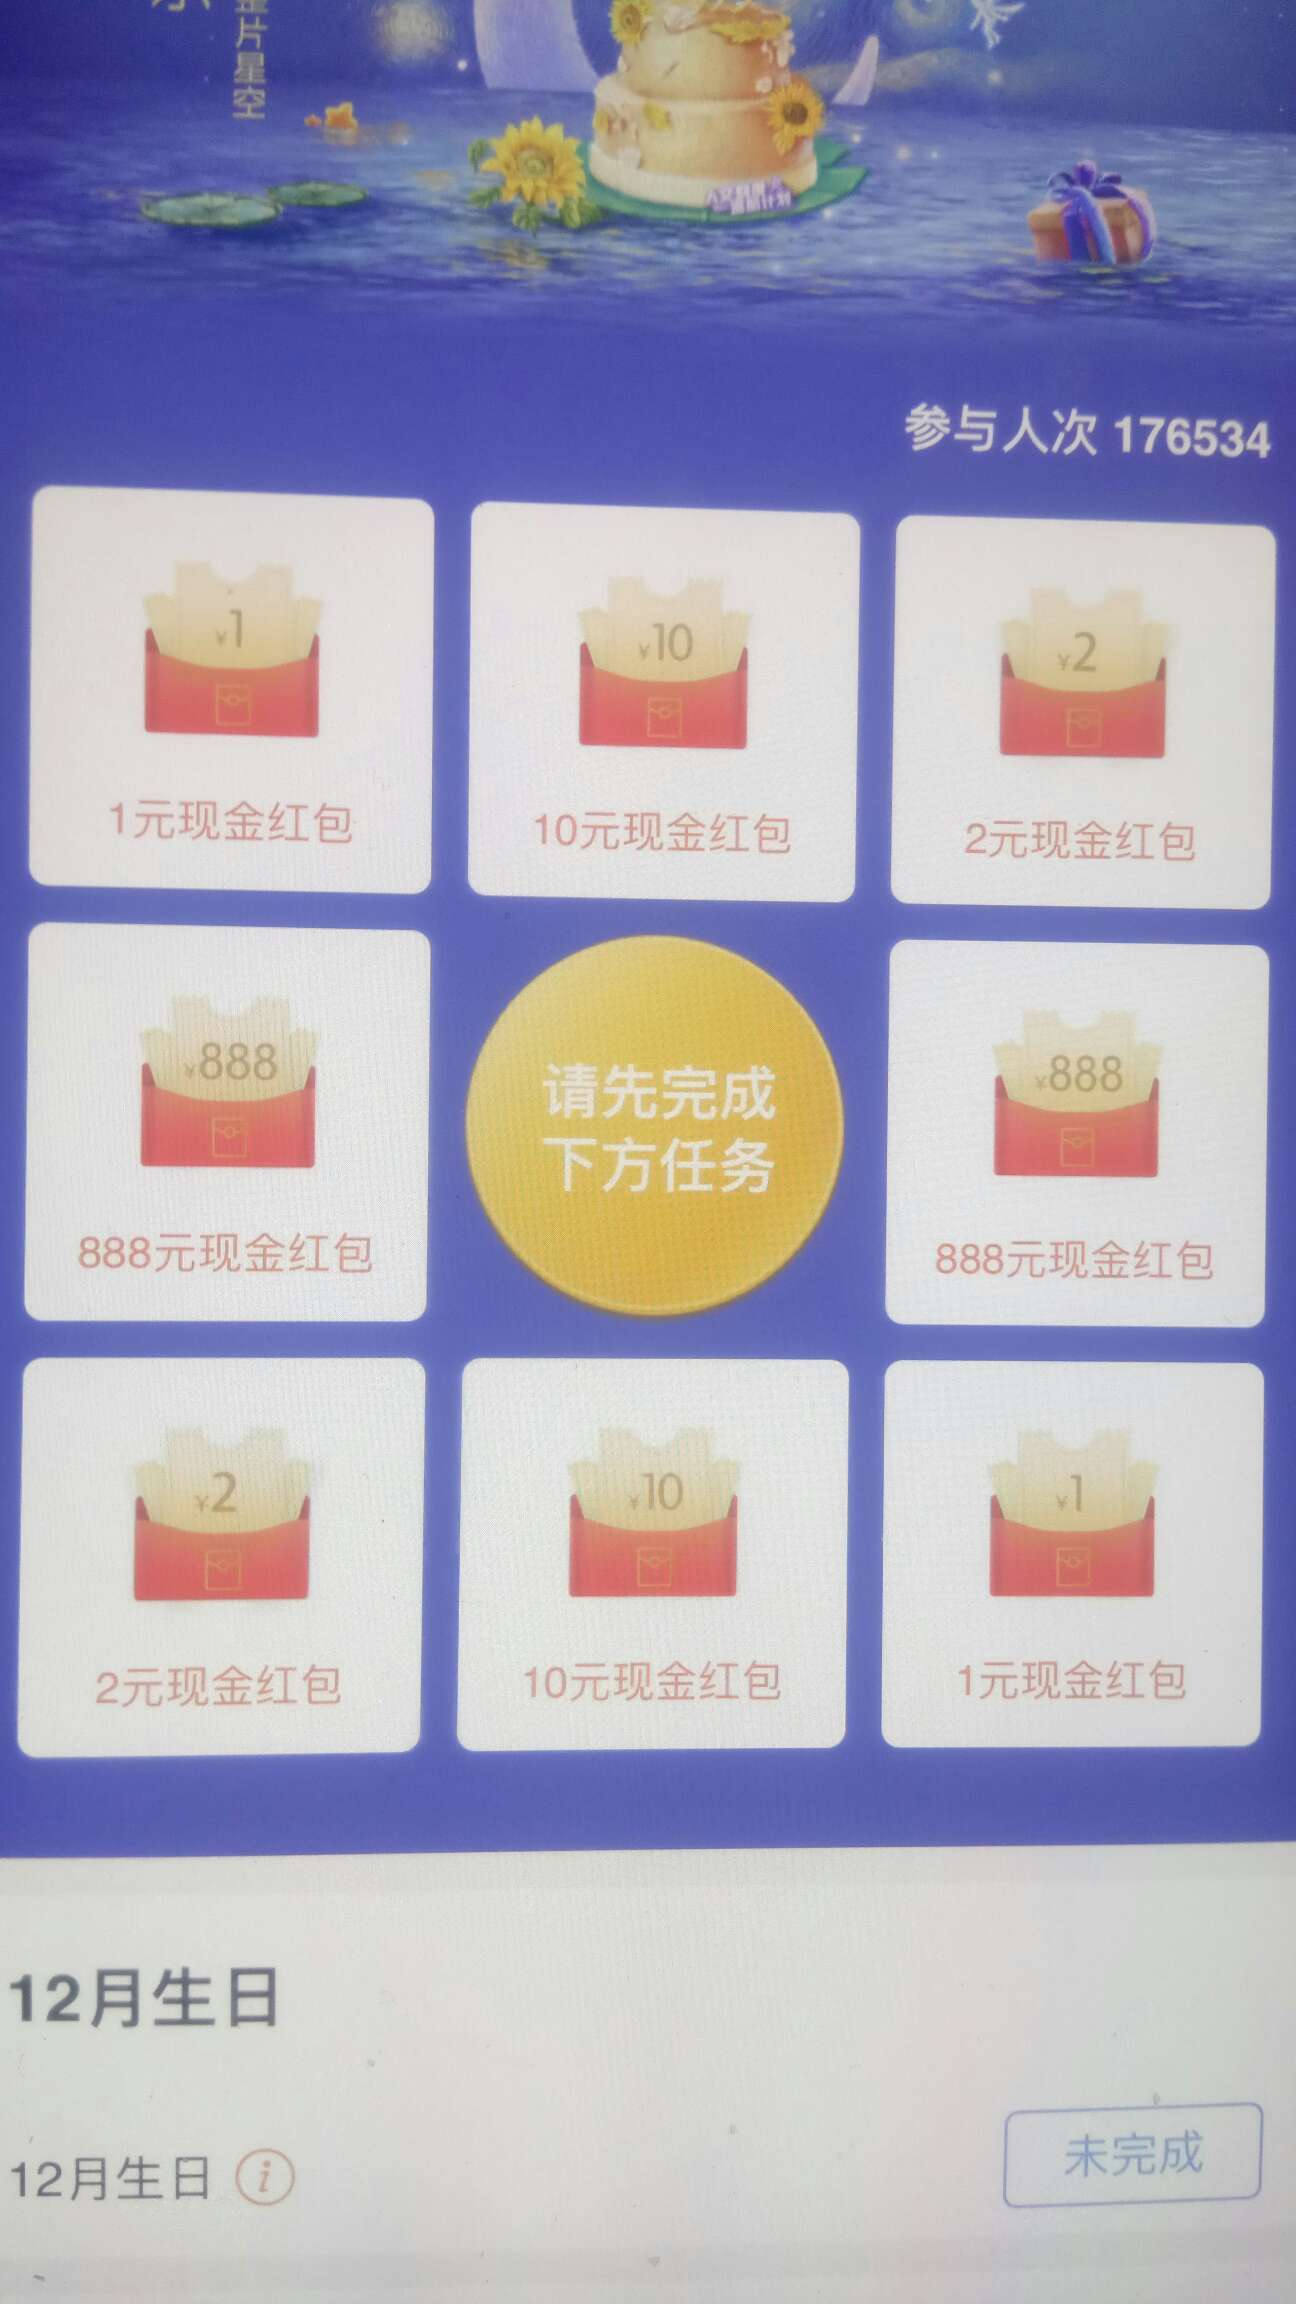 【现金红包】招商银行App12月生日礼-聚合资源网